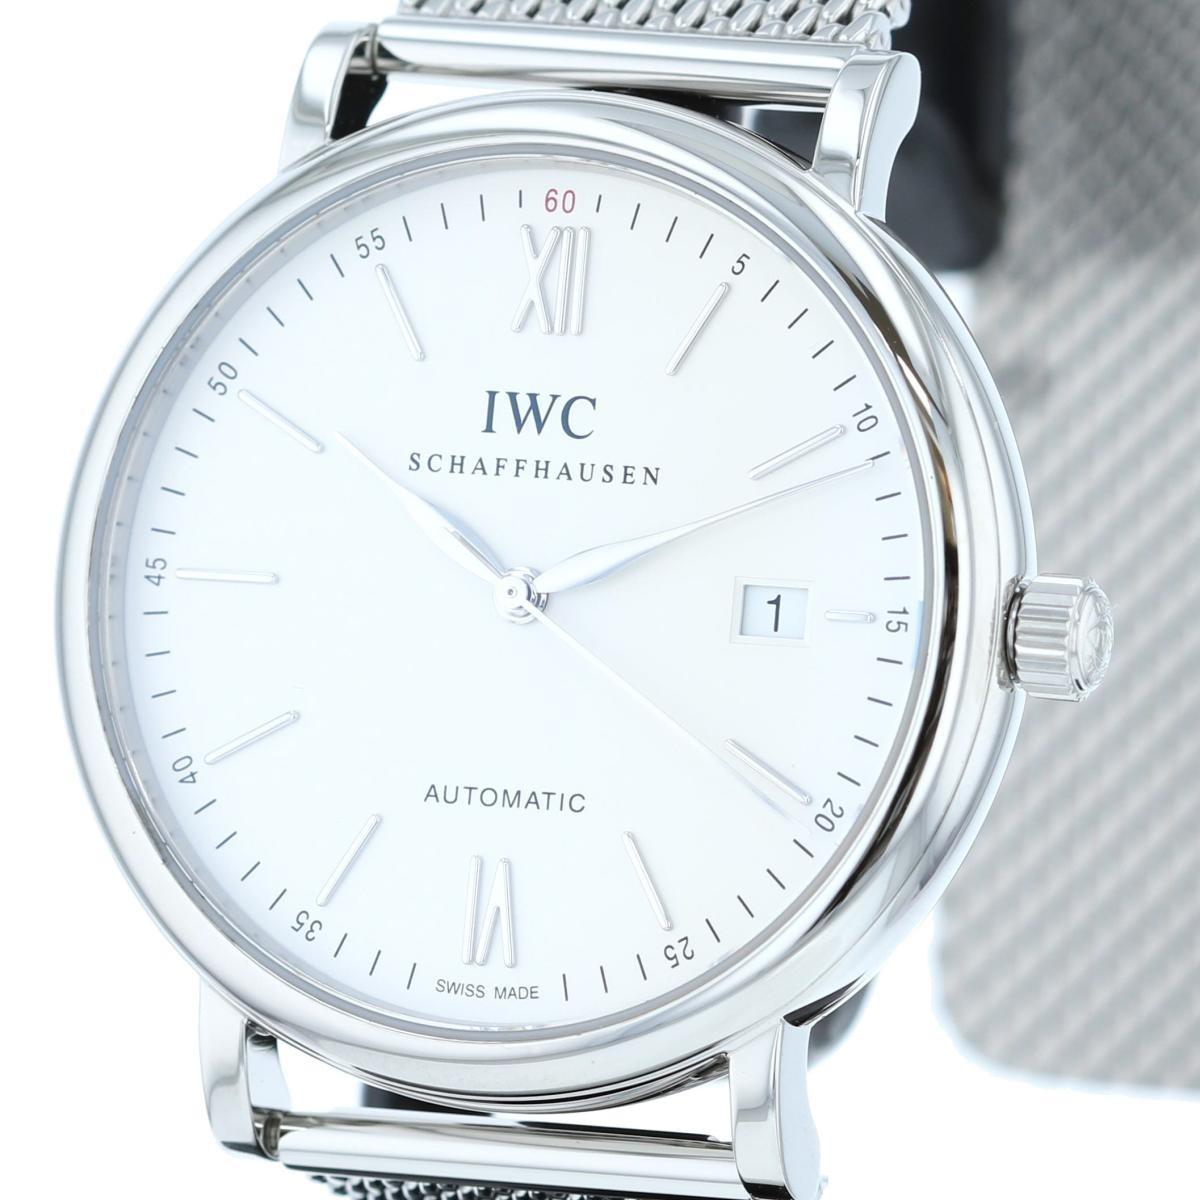 最終処分SALE 早い者勝ち【即日発送・水曜定休日木曜発送】【美品】【仕上げ済】  IWC (アイダブルシー) ポートフィノ 時計 自動巻き/メンズ Portofino White/ホワイト IW356501 used:A